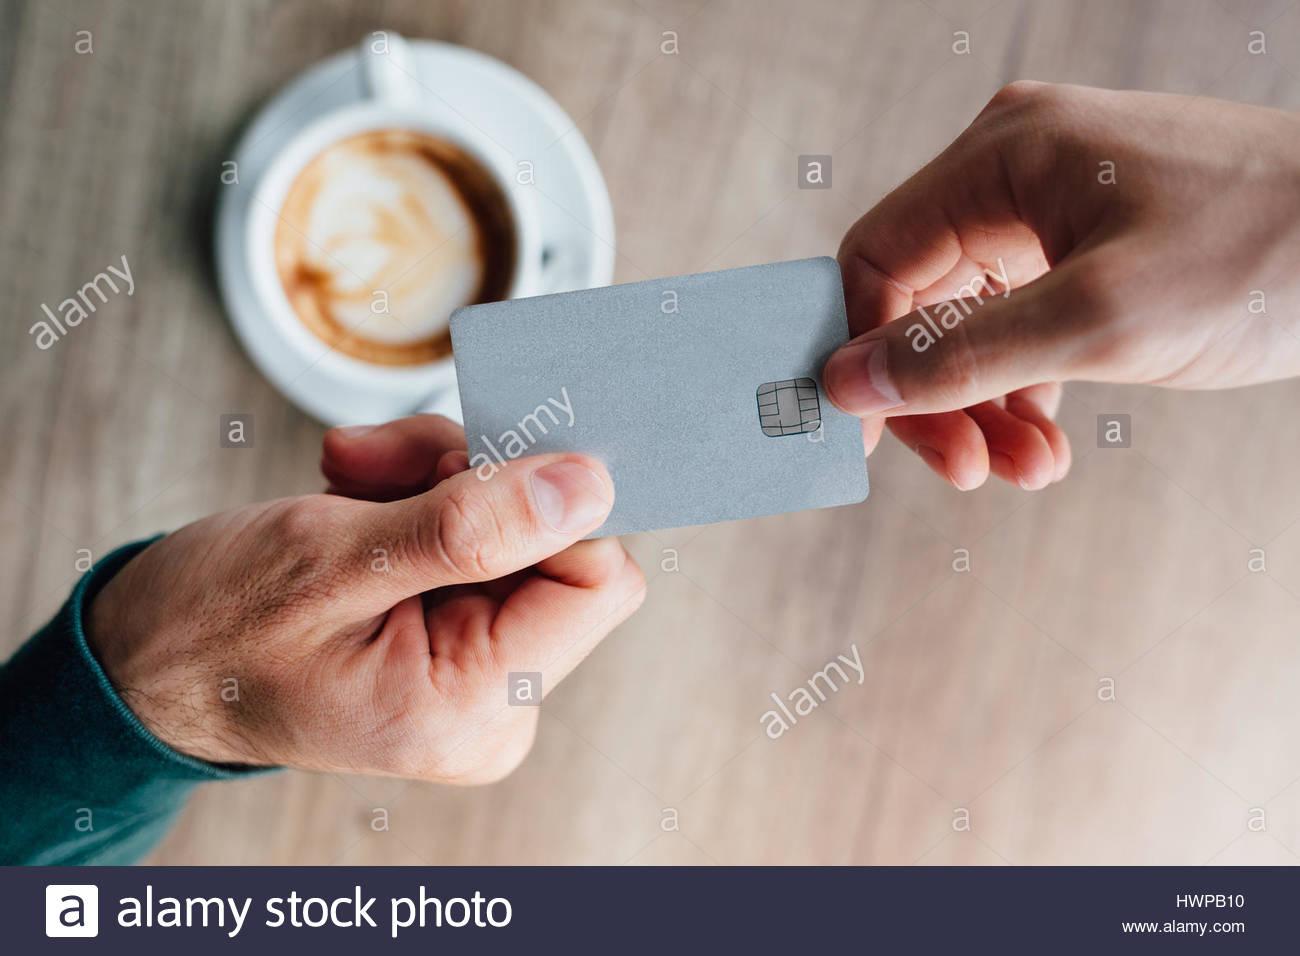 Nahaufnahme des Menschen im Café Kellner Kreditkarte erteilen Stockfoto